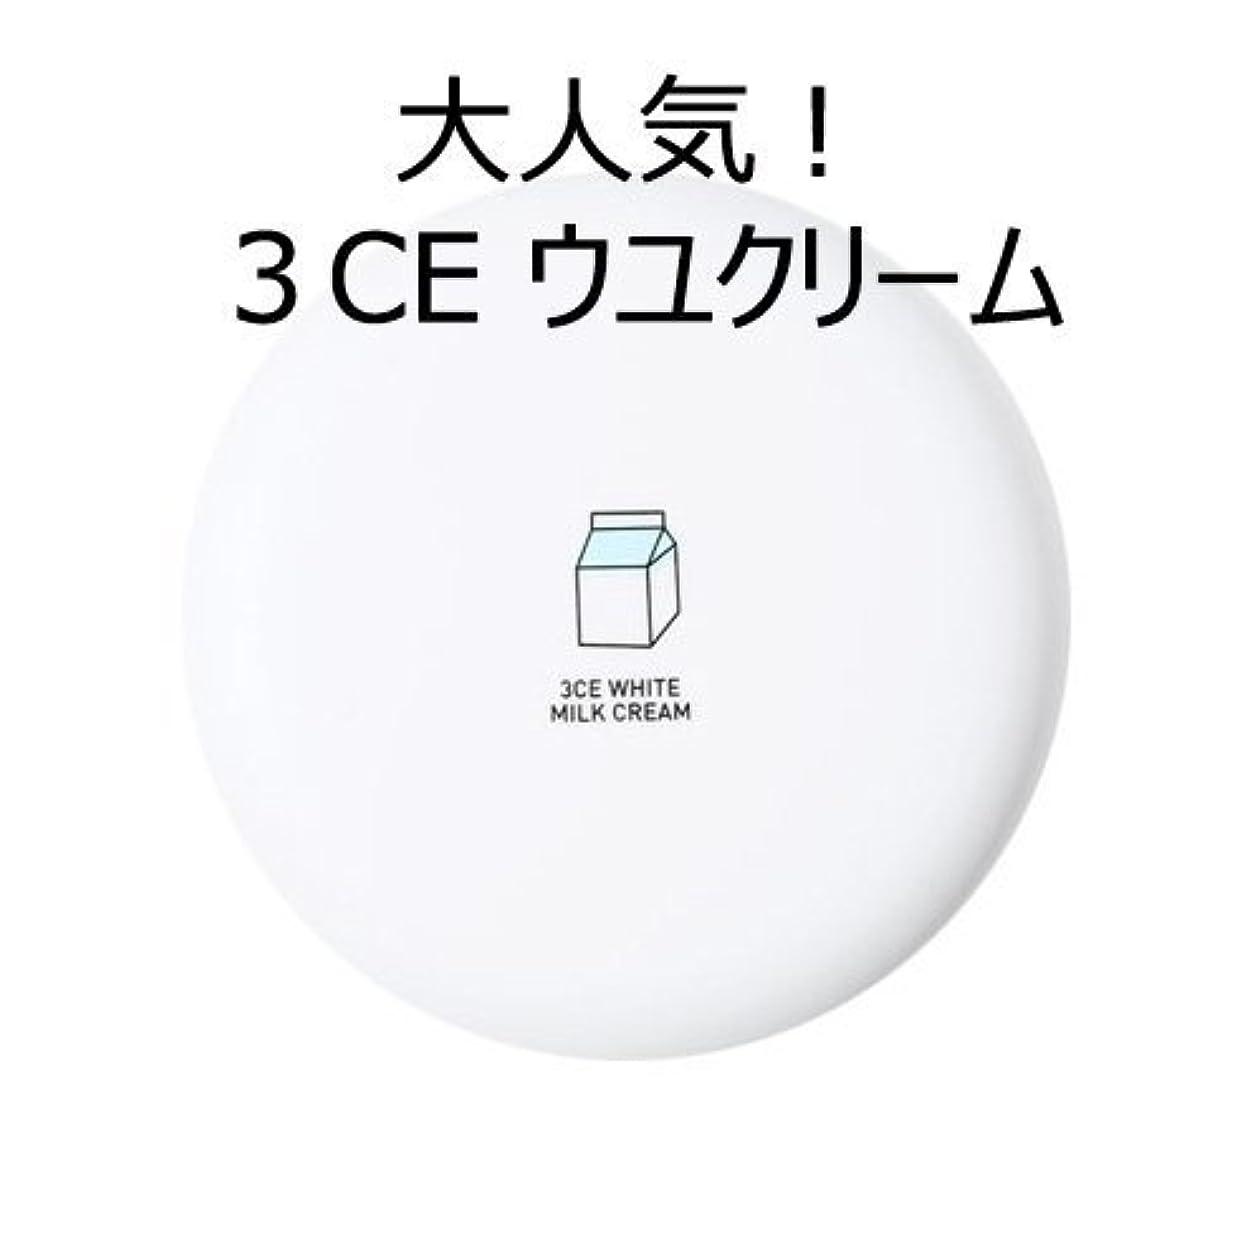 ベットギャロップすり減る[3CE] [大人気!話題のウユクリーム] 3CE White Milk Cream [並行輸入品]